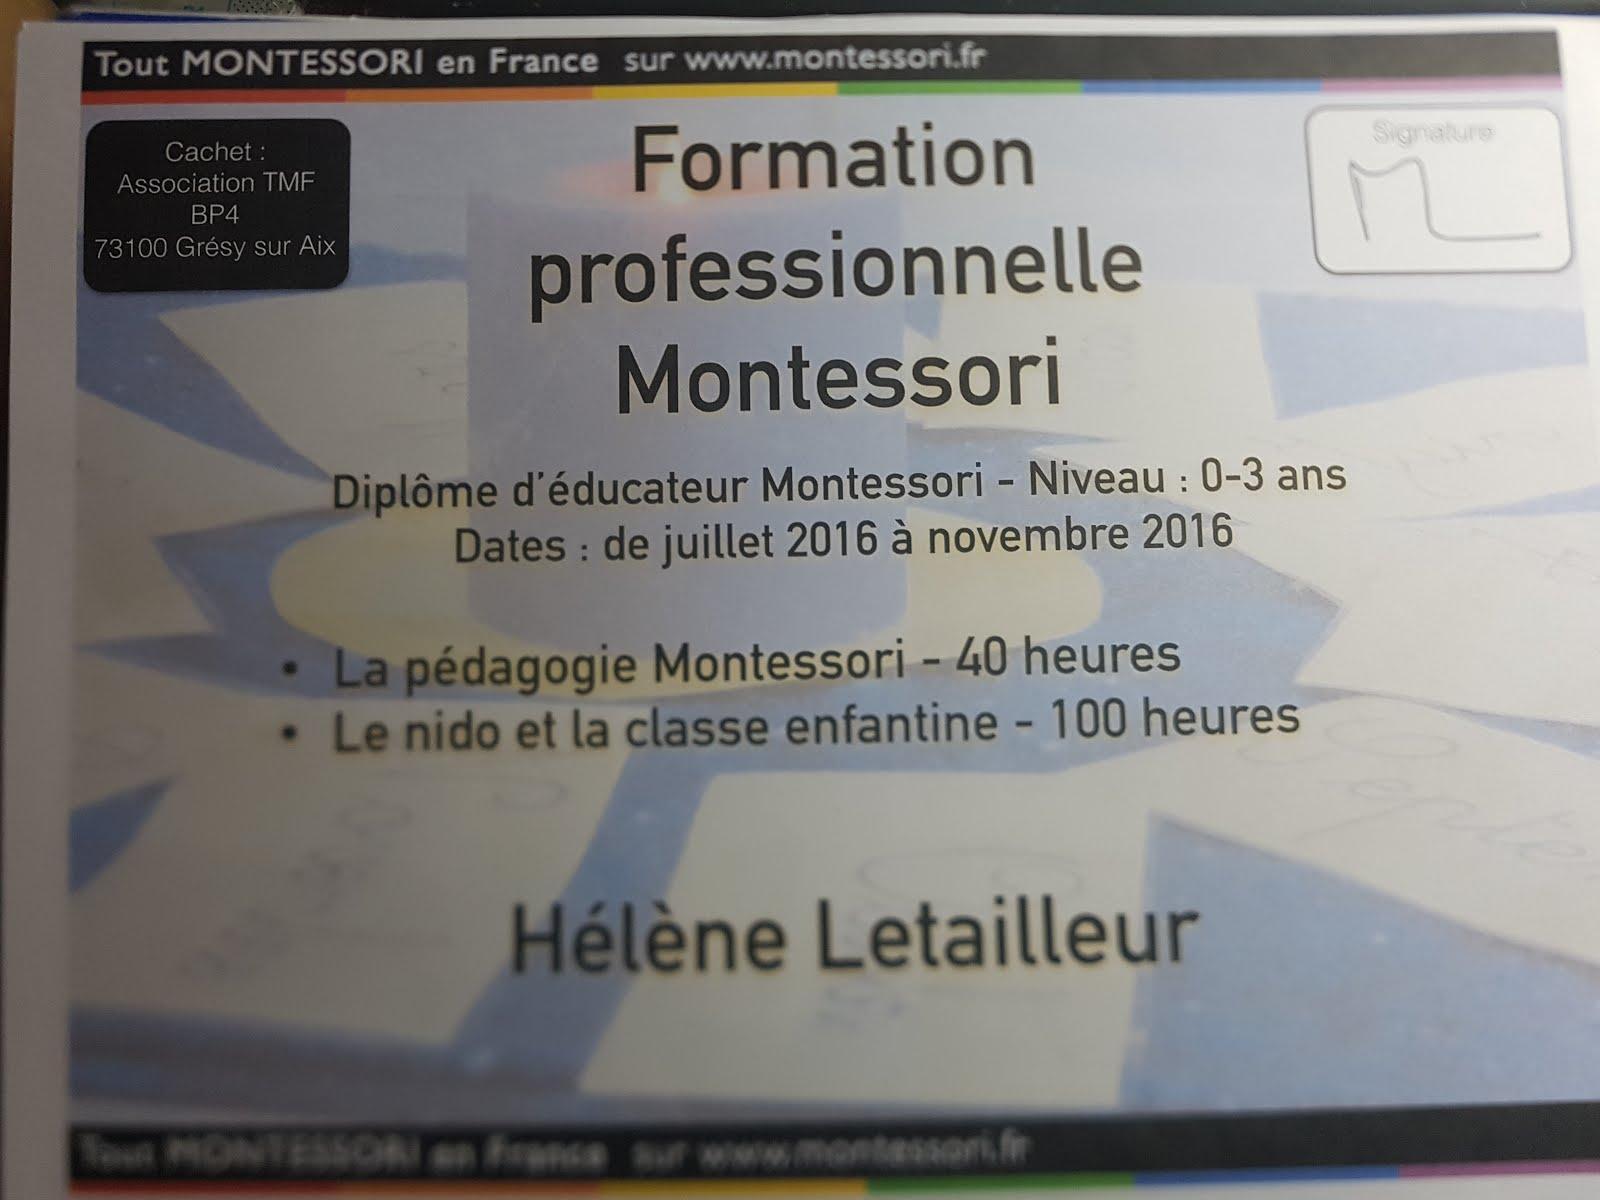 Mme Hélène Letailleur Diplômée Educatrice Montessori